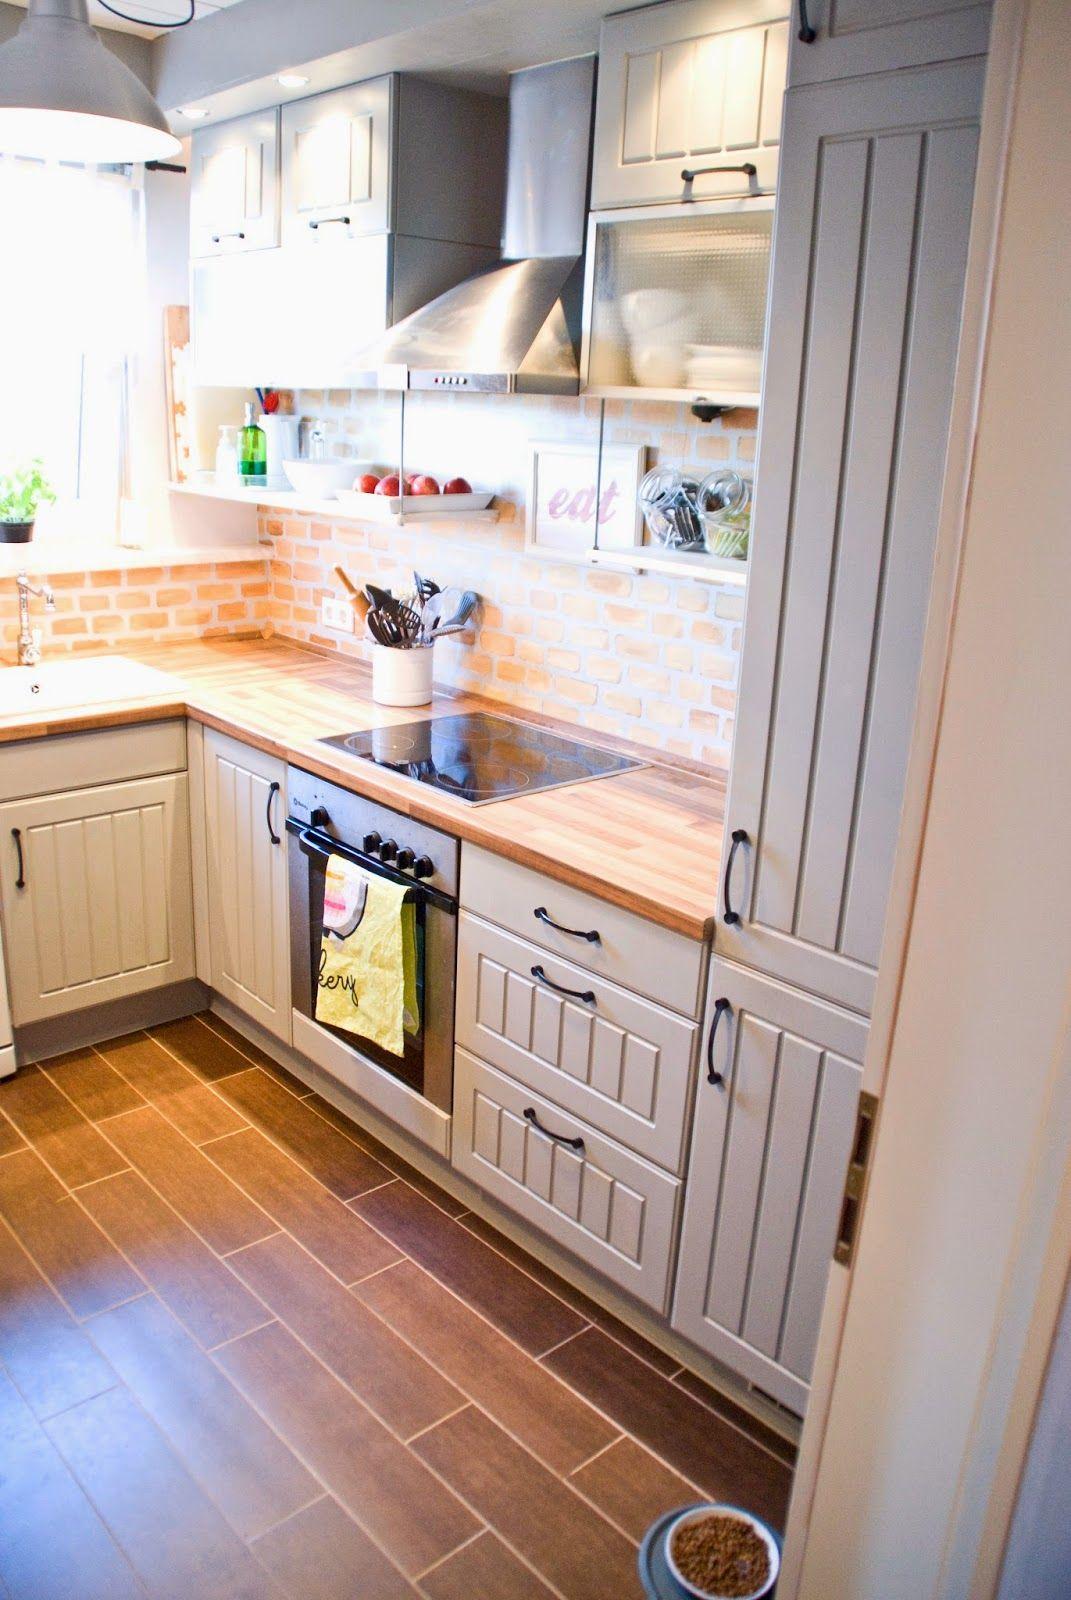 Küchenschrank ideen kleine küchen pudeldesign kitchen  home  pinterest  wohnung küche küchen